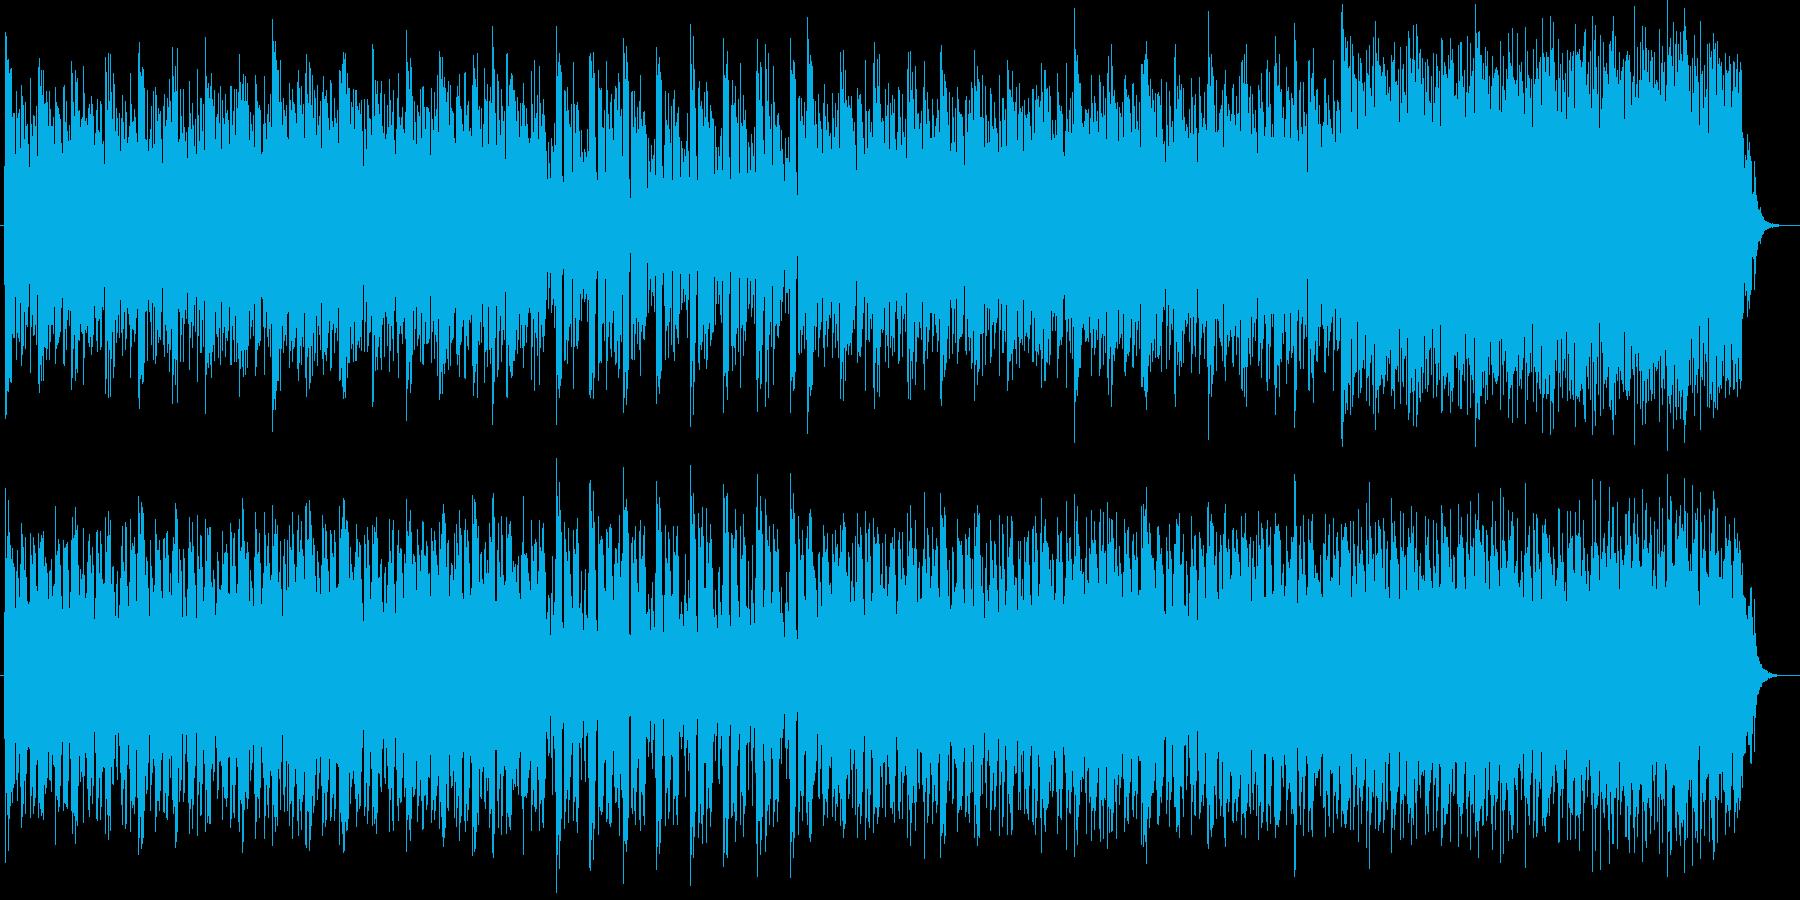 ミステリアスなシンセサイザーサウンドの再生済みの波形